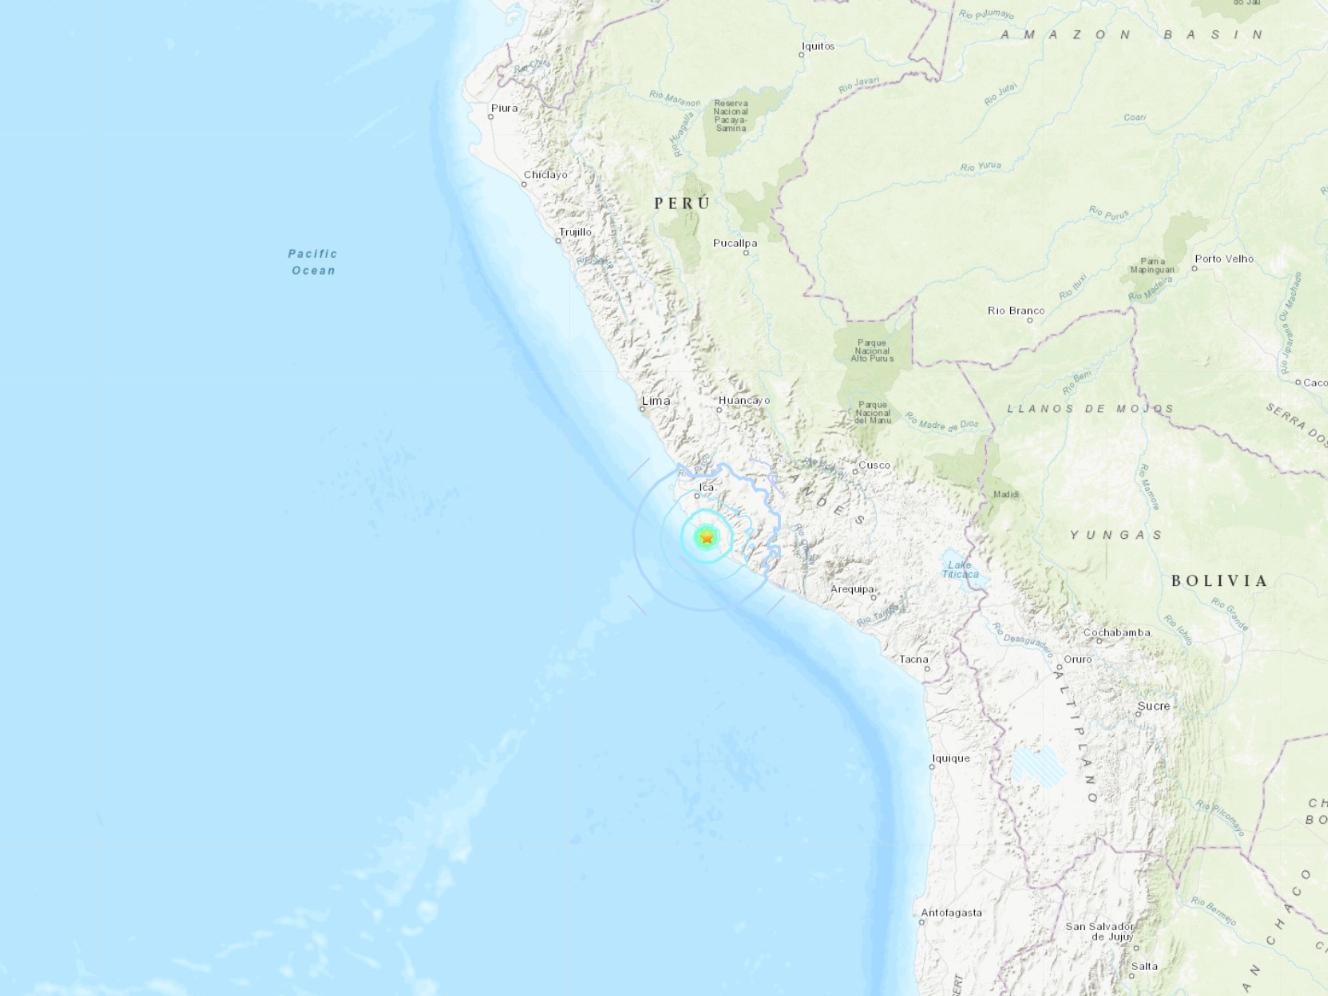 5.5-magnitude quake hits 48 km NW of Minas de Marcona, Peru: USGS